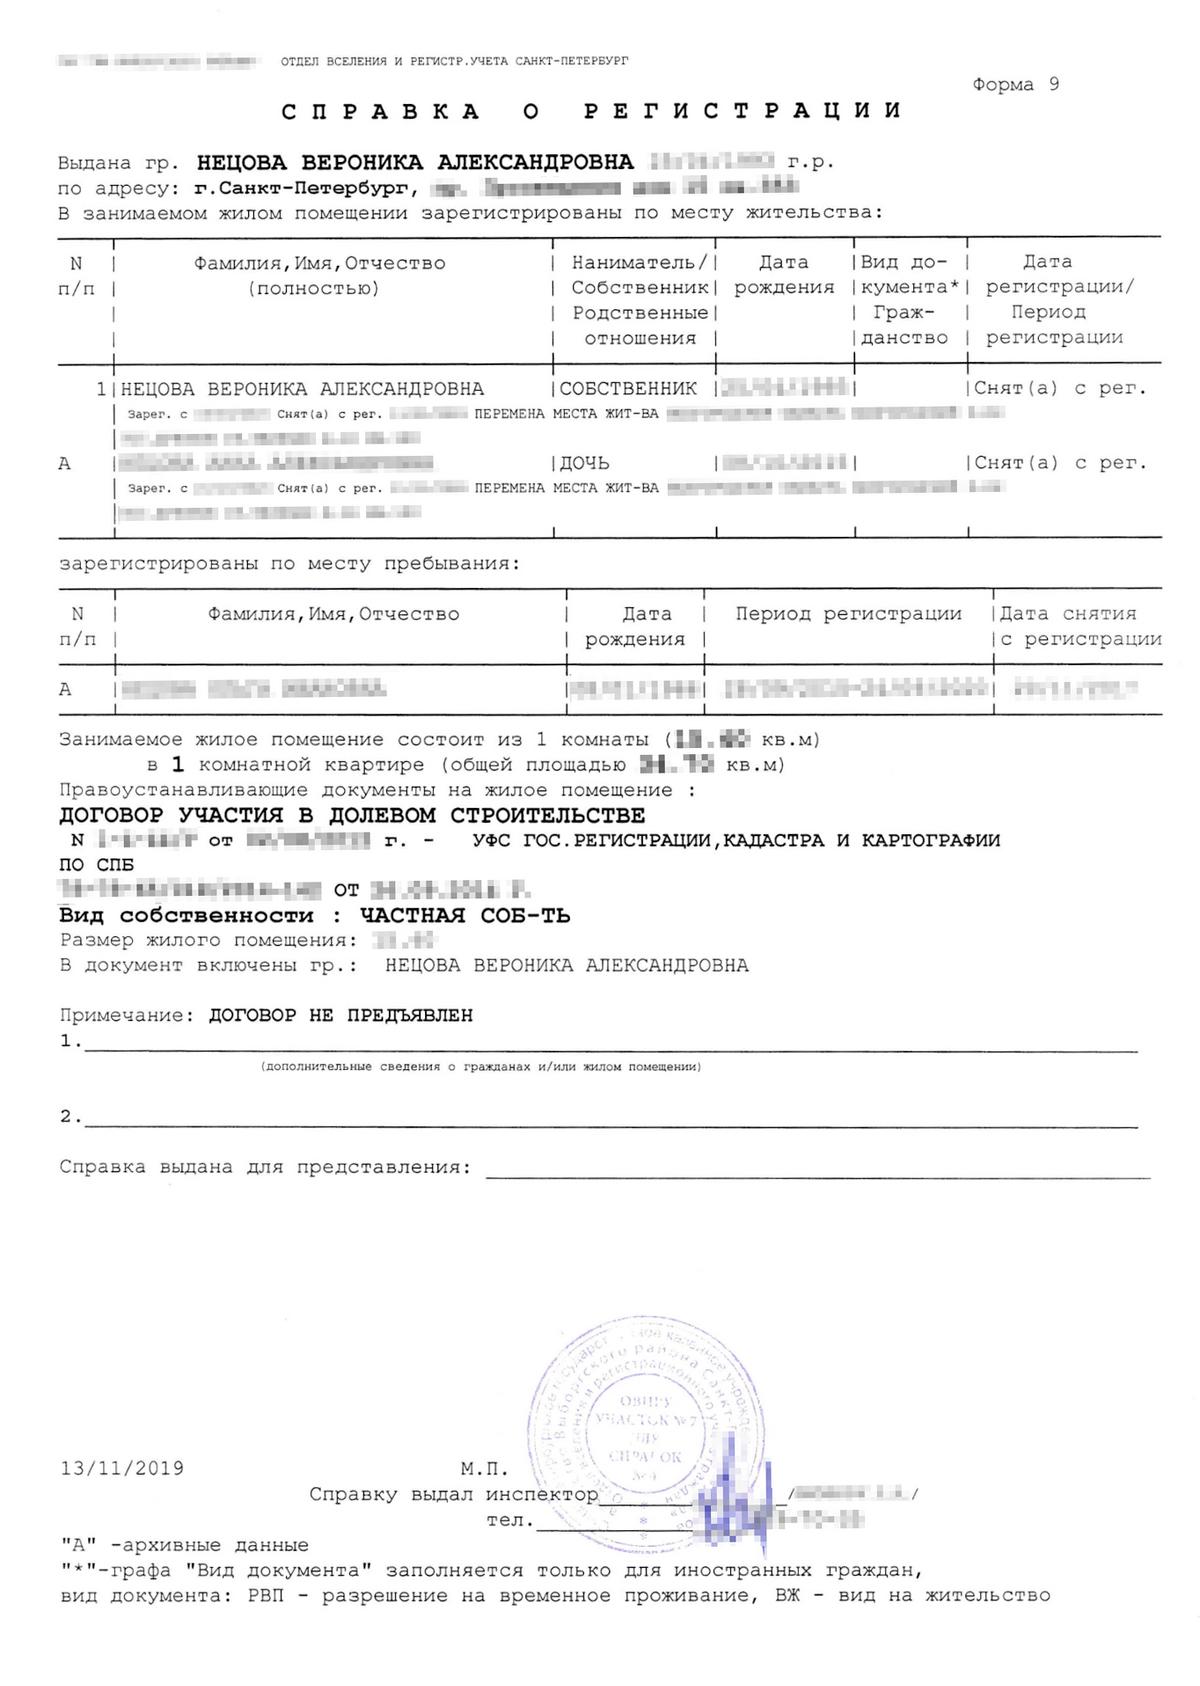 Справка формы 9, или о составе семьи, показывает, кто зарегистрирован сейчас или был зарегистрирован в квартире за время проживания собственника